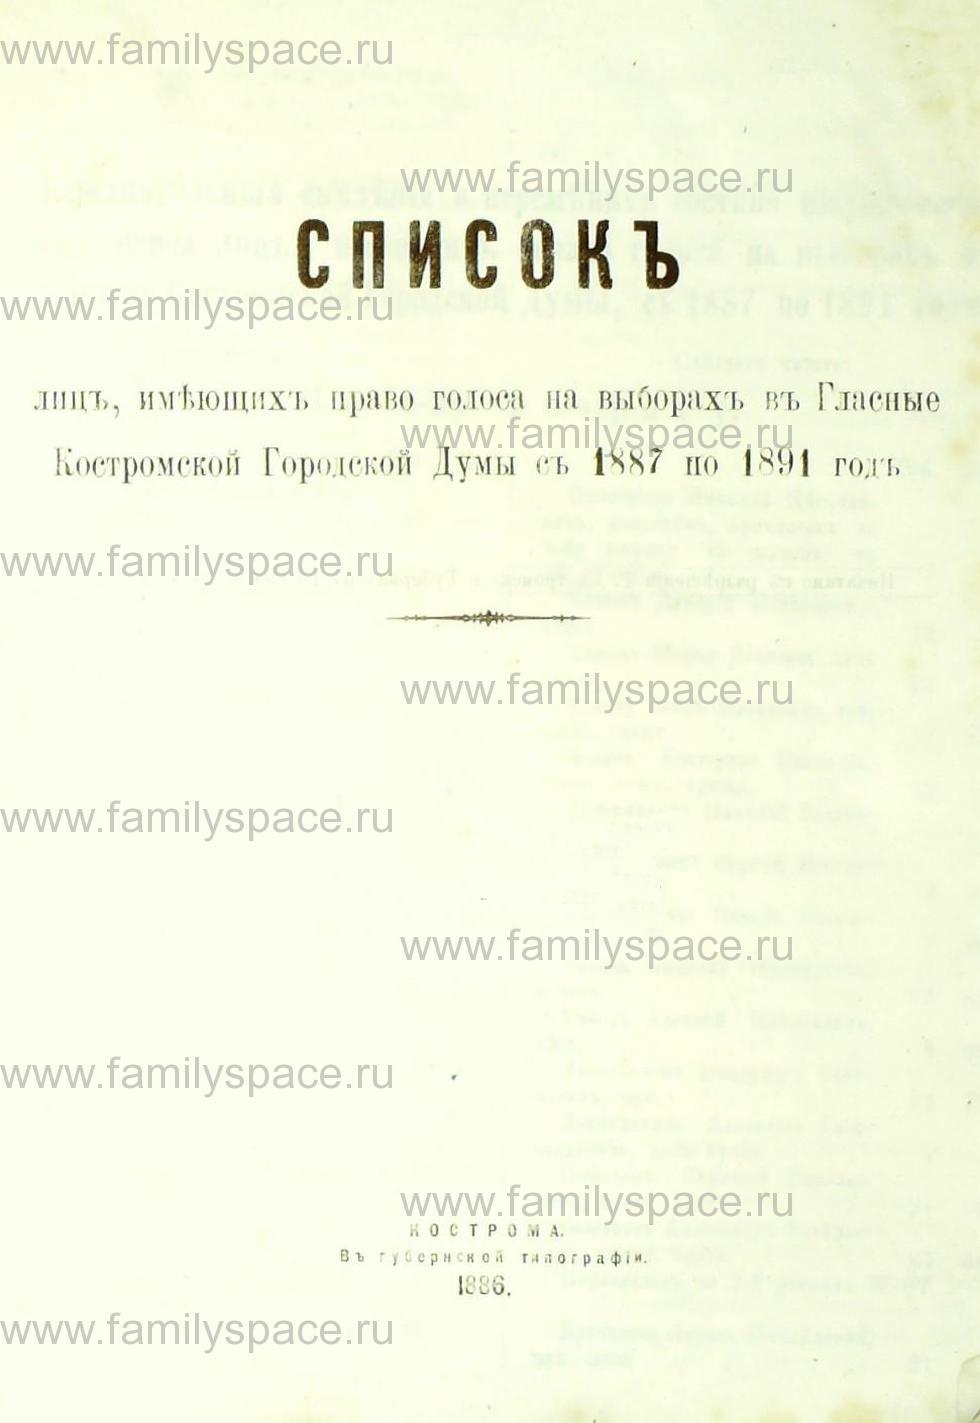 Поиск по фамилии - Список лиц, имеющих право голоса на выборах в гласные Костромской городской думы с 1887 по 1891 г , страница 1